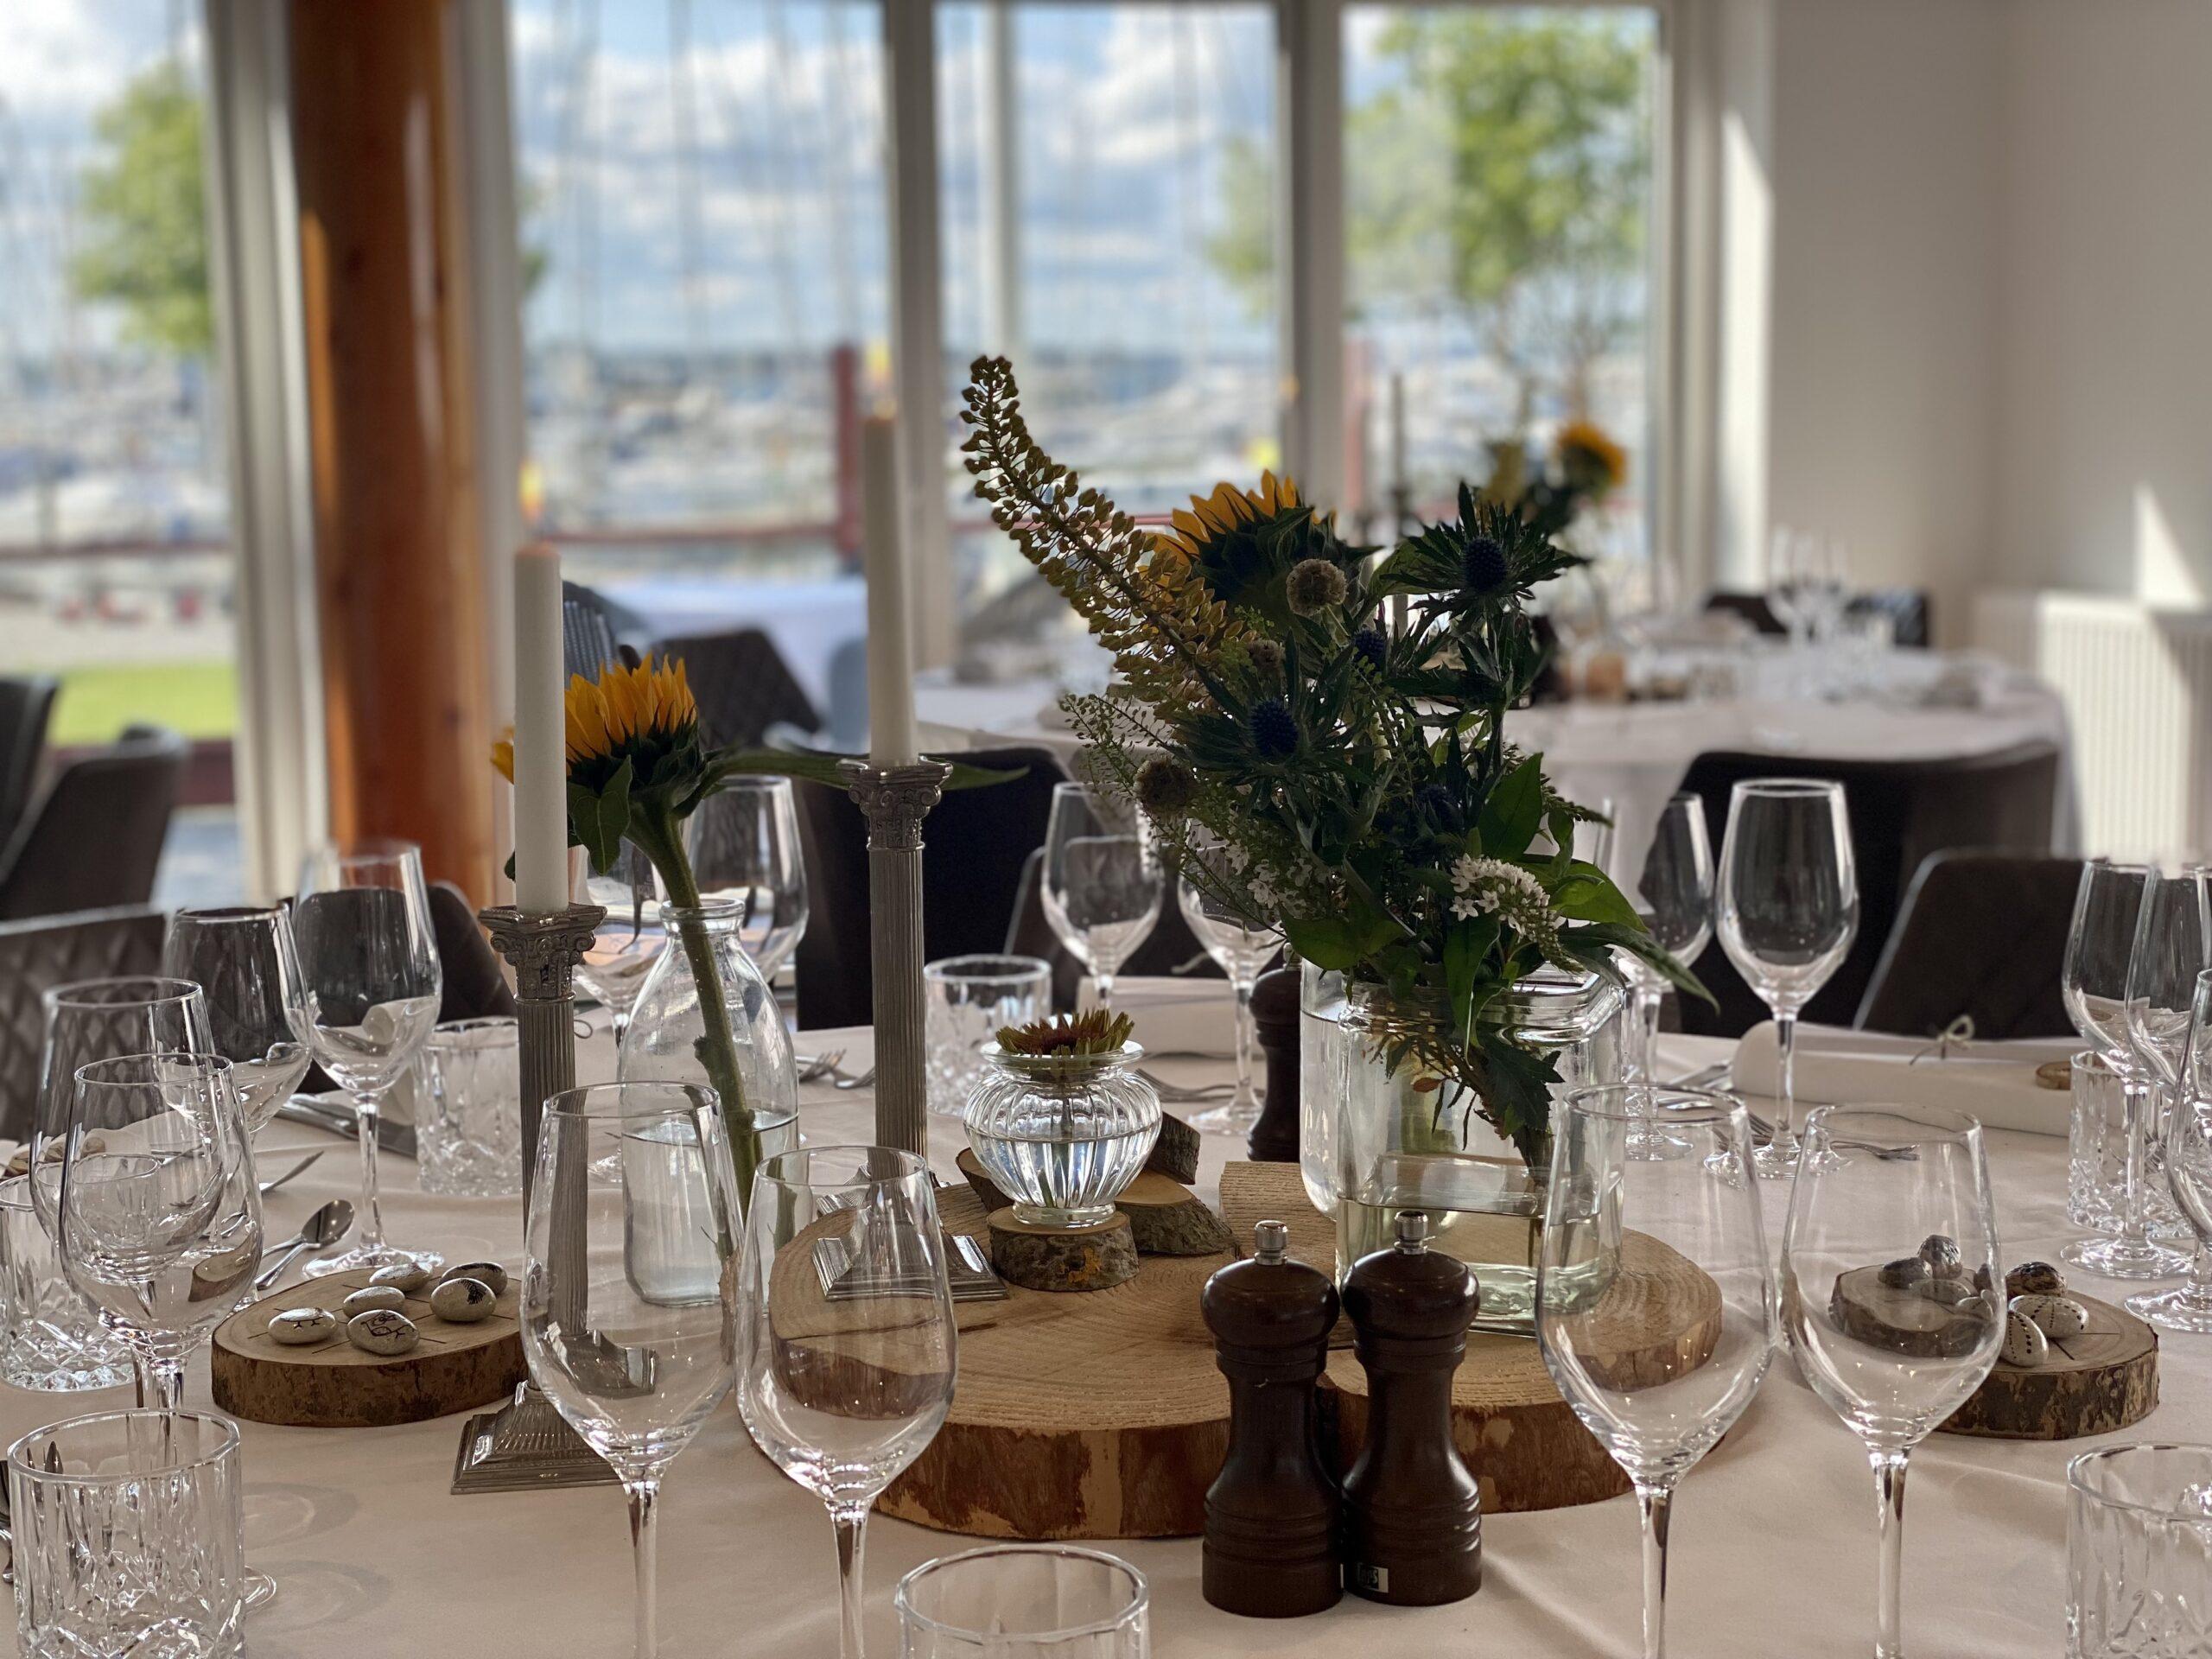 fest værftet restaurant marina minde